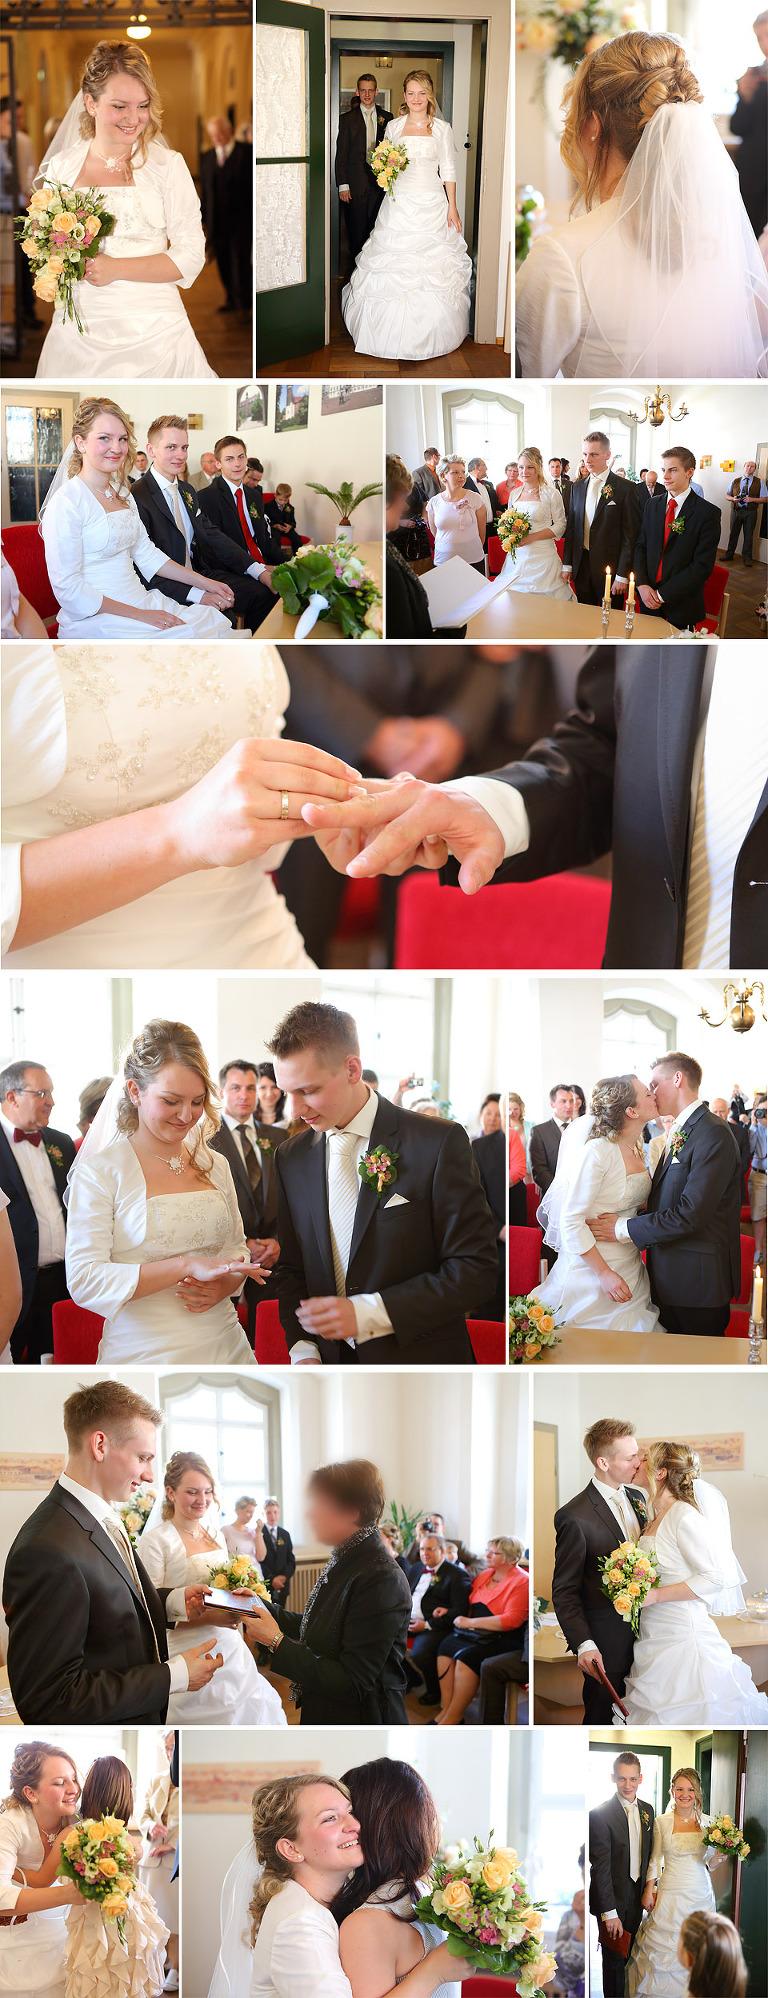 Hochzeit_Esther_Samuel_Lutherstadt_Wittenberg_Dominic_Schulz_Fotografie_2